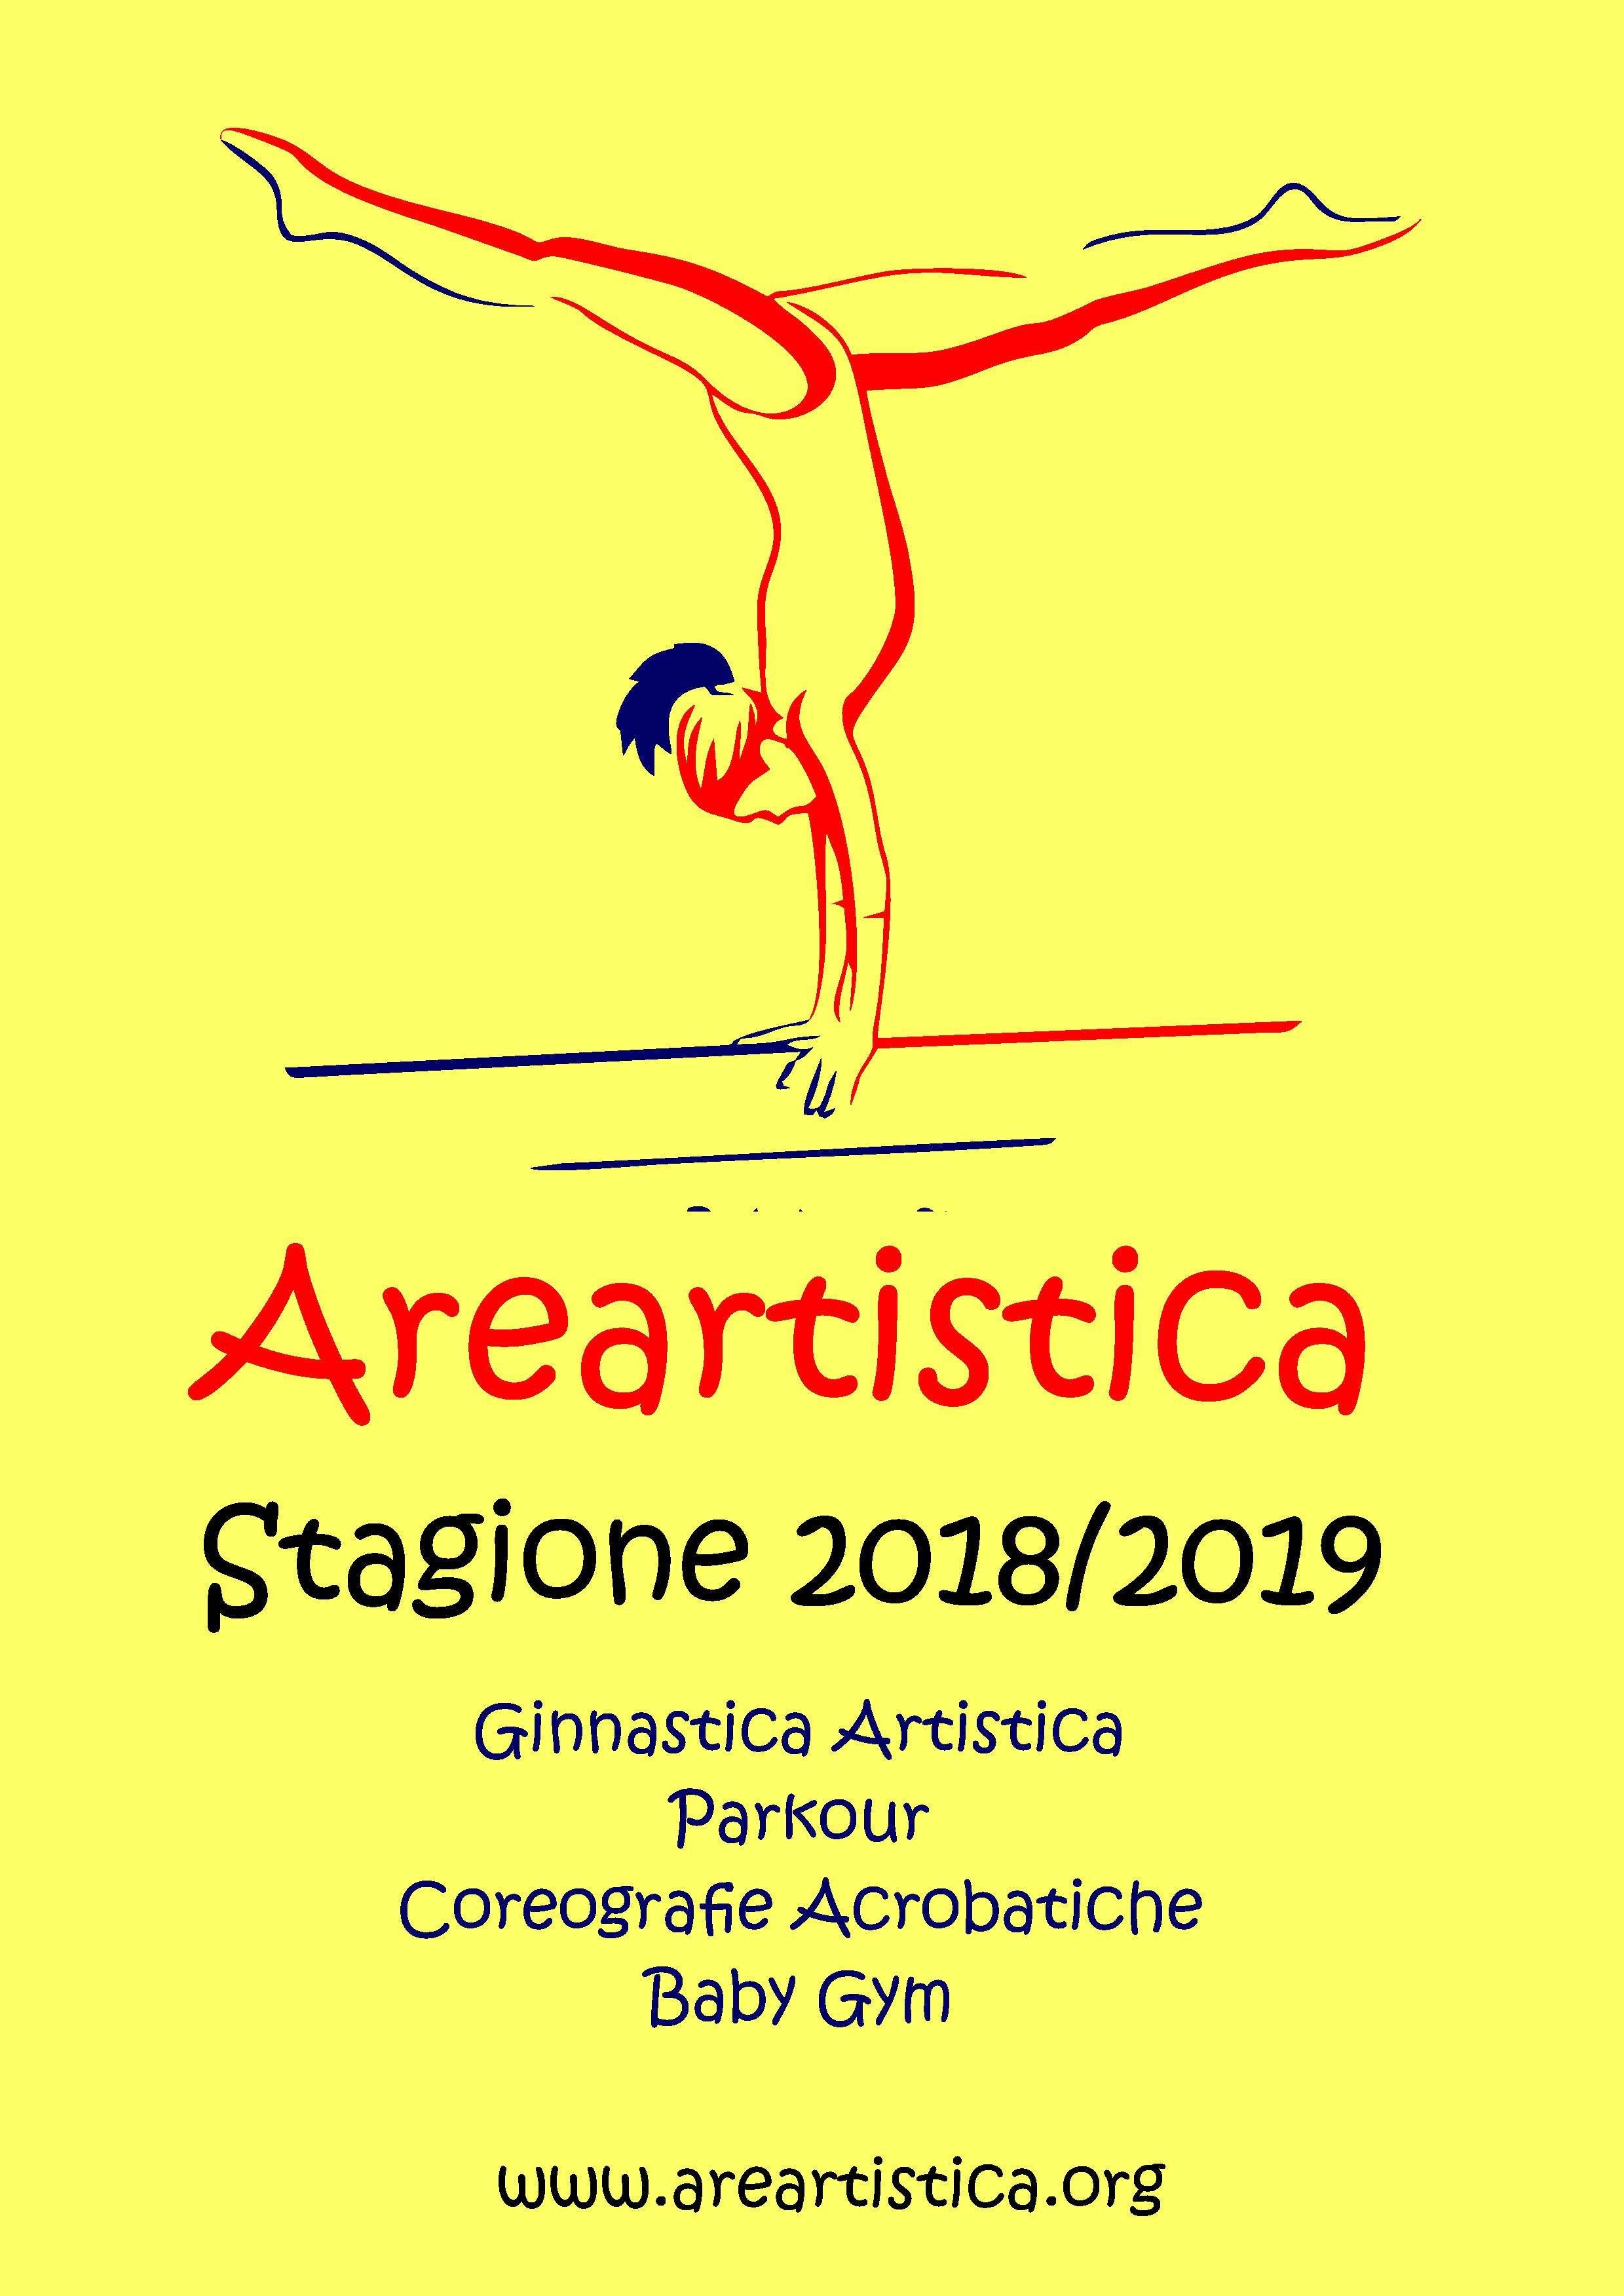 Areartistica Anno Sportivo 2018/2019